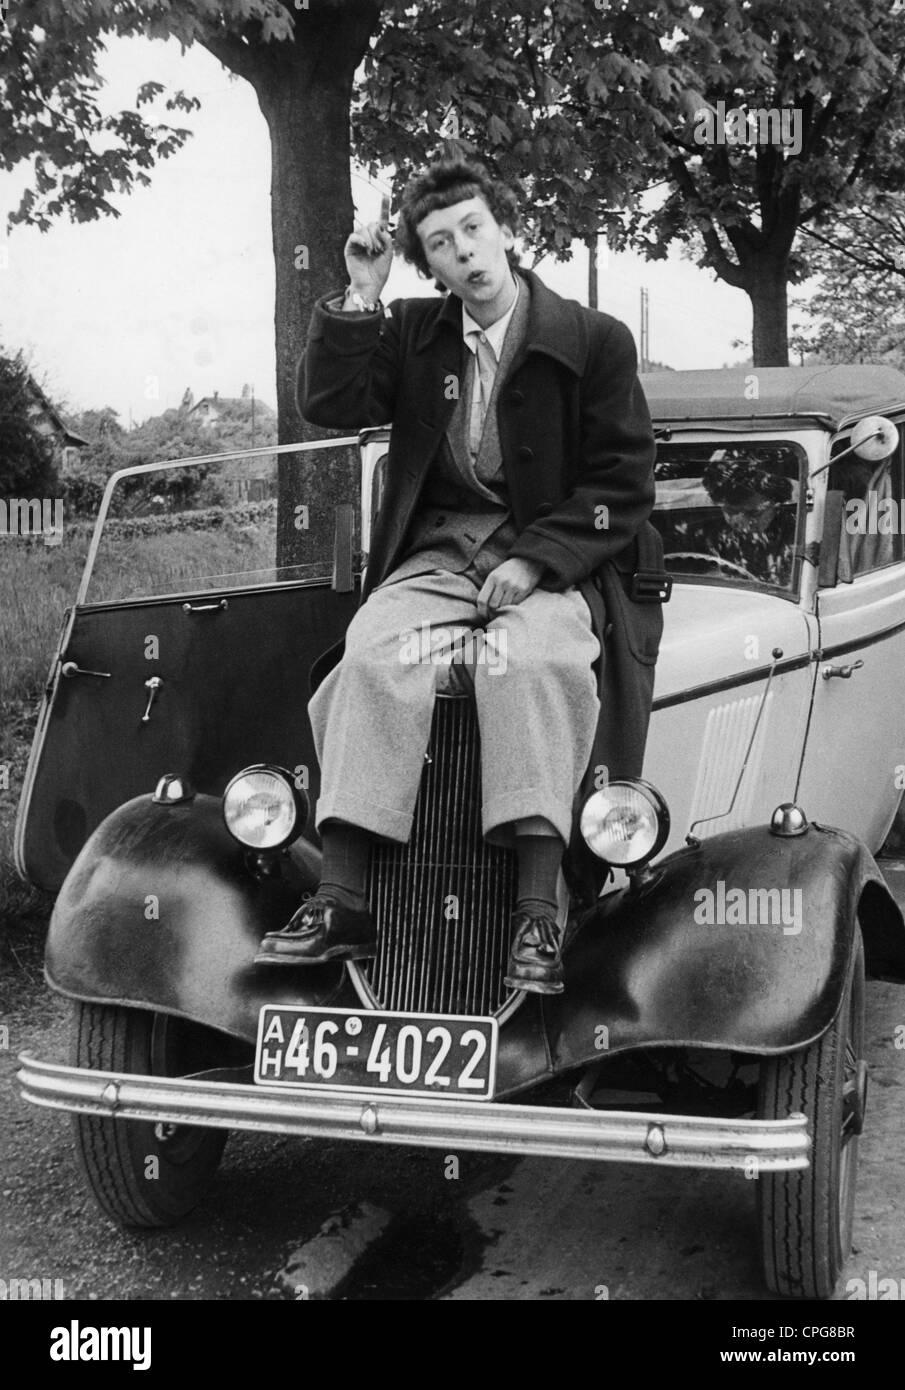 Mujeres, personas y 1950, joven en la ropa de los hombres se sienta sobre el capó de un coche, Alemania, 1952 Imagen De Stock